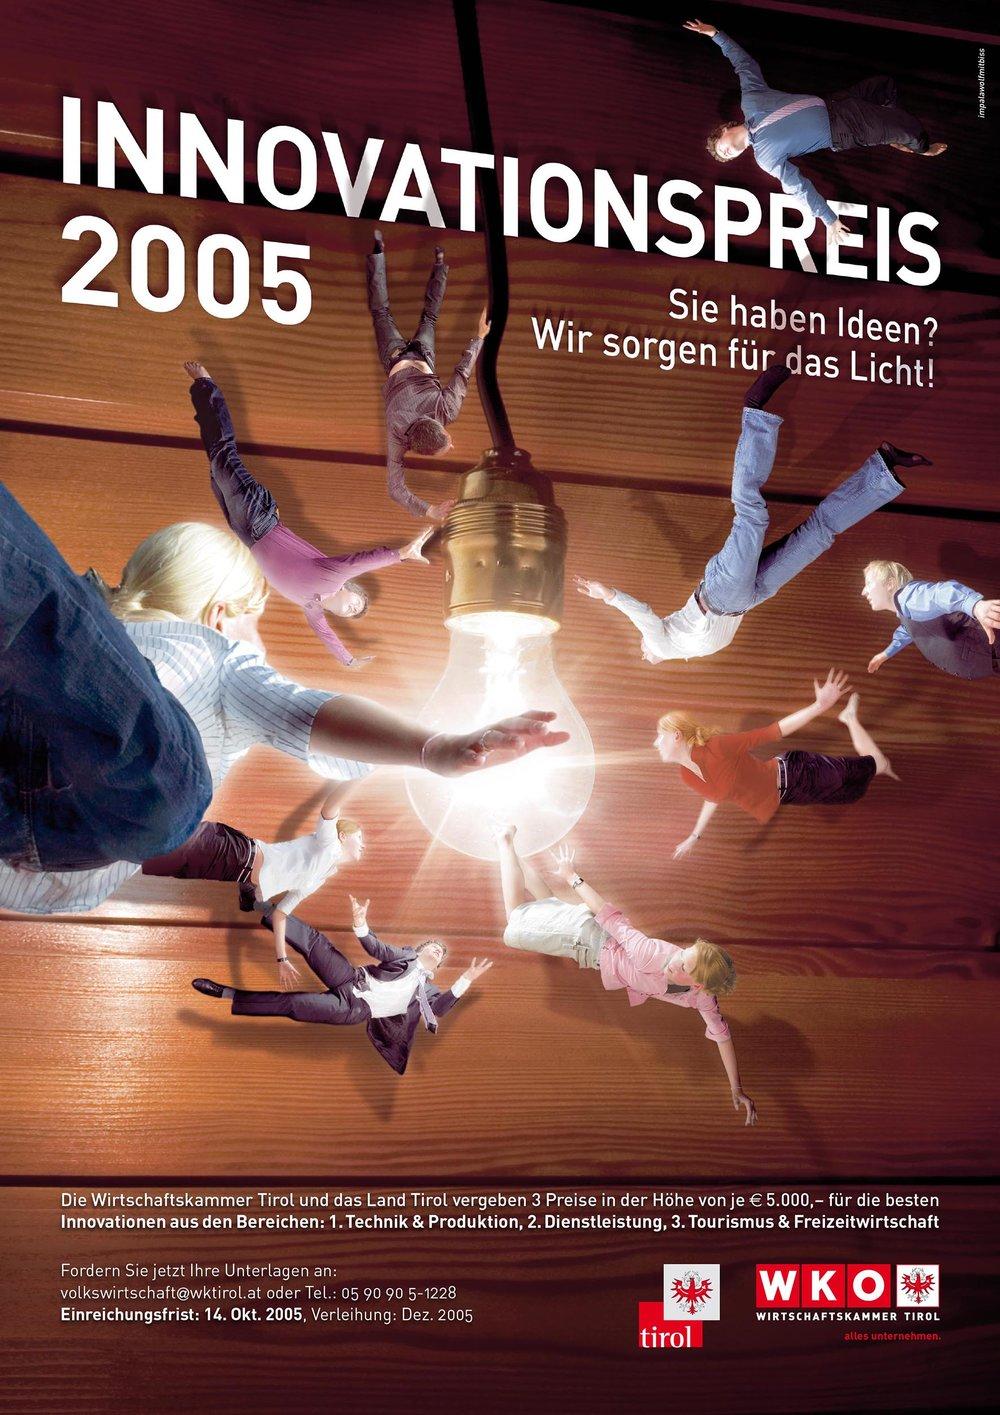 2007:Tirolissimo für beste Werbekampagne    Kunde: WKO, Agentur:IWMB